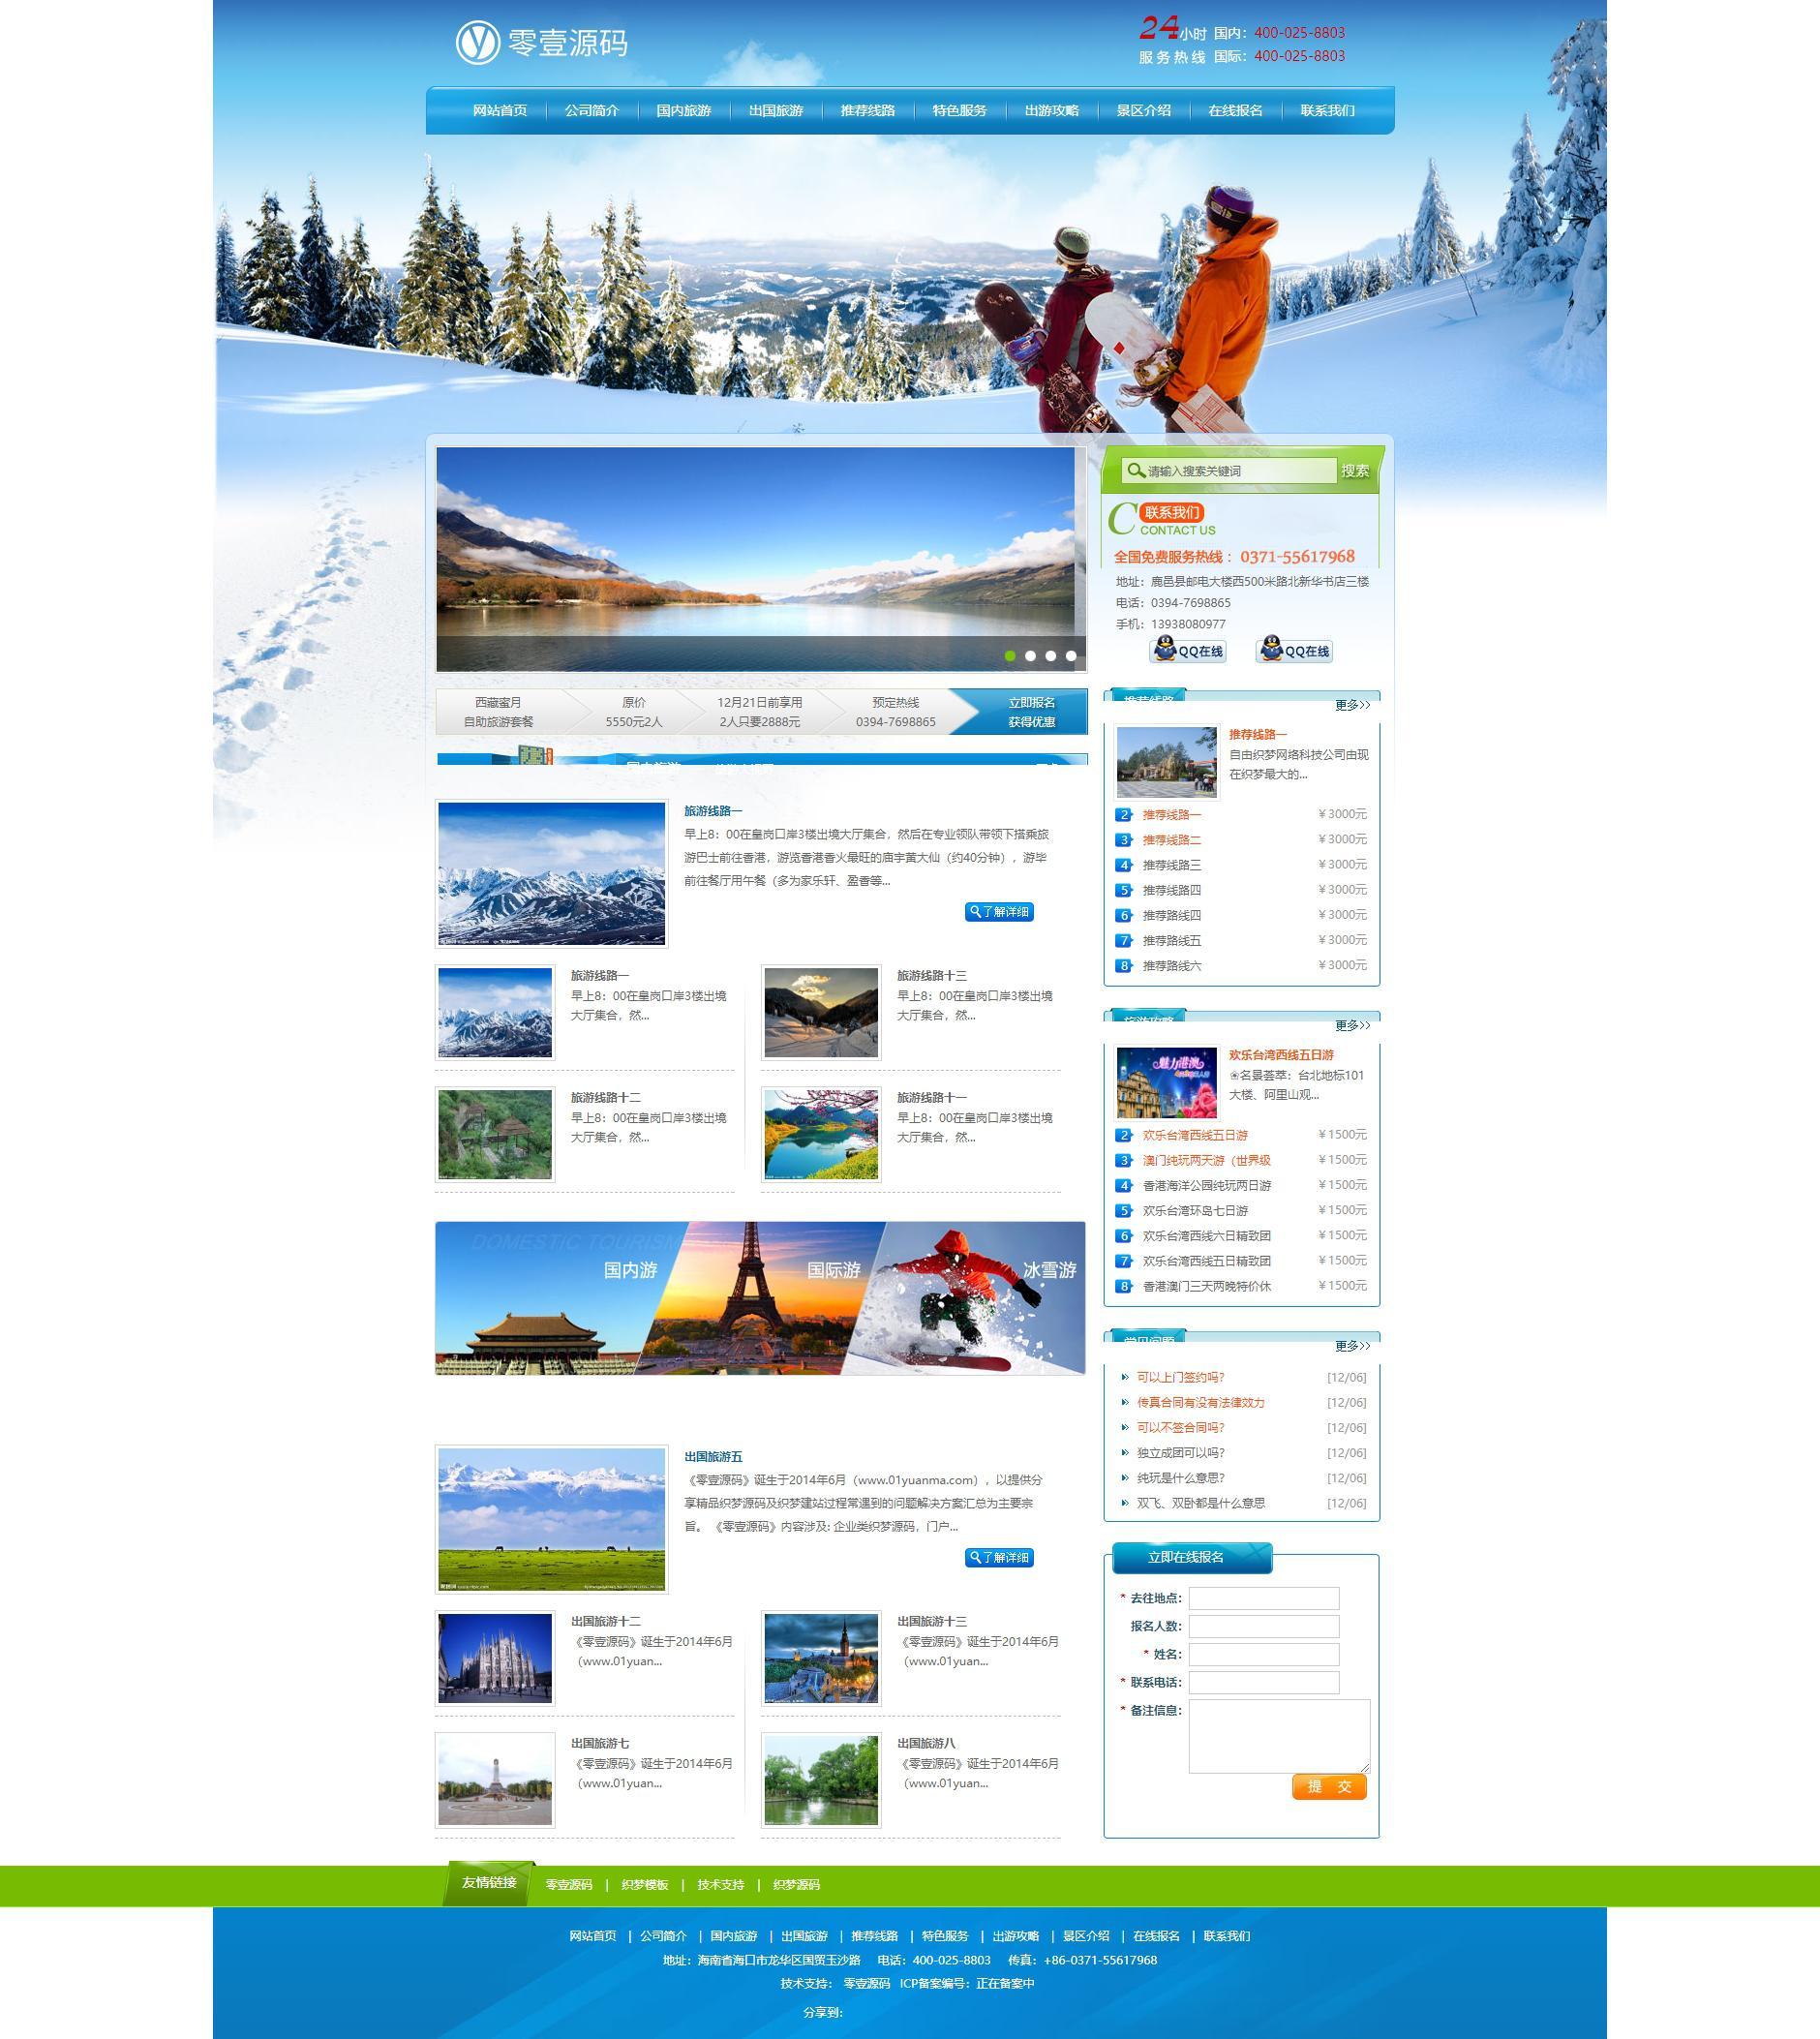 滑雪场旅行旅游户外活动类企业网站织梦dedecms模板